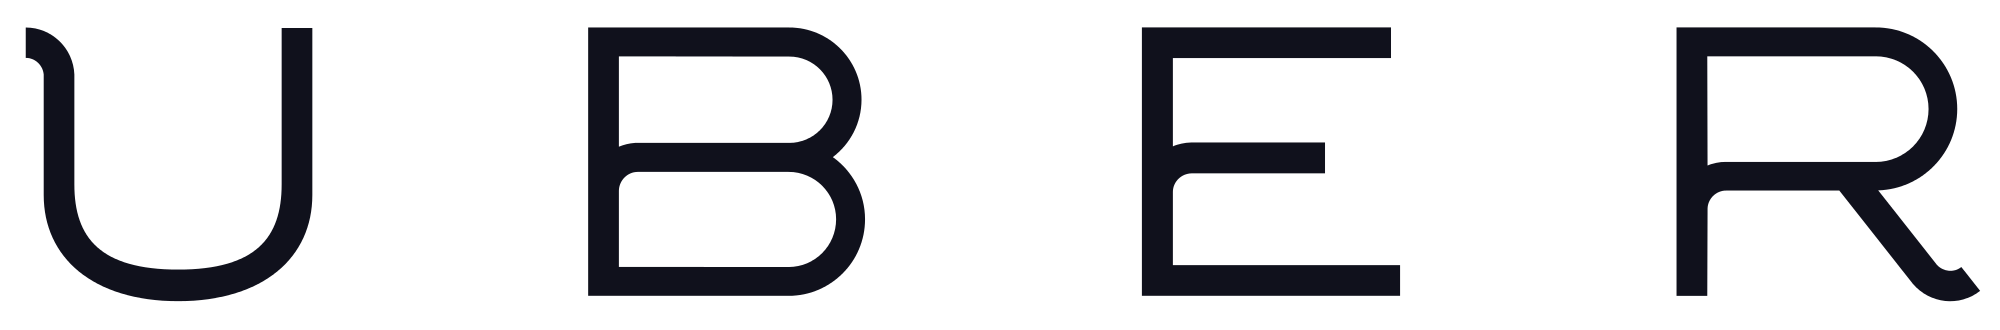 Uber Logo.